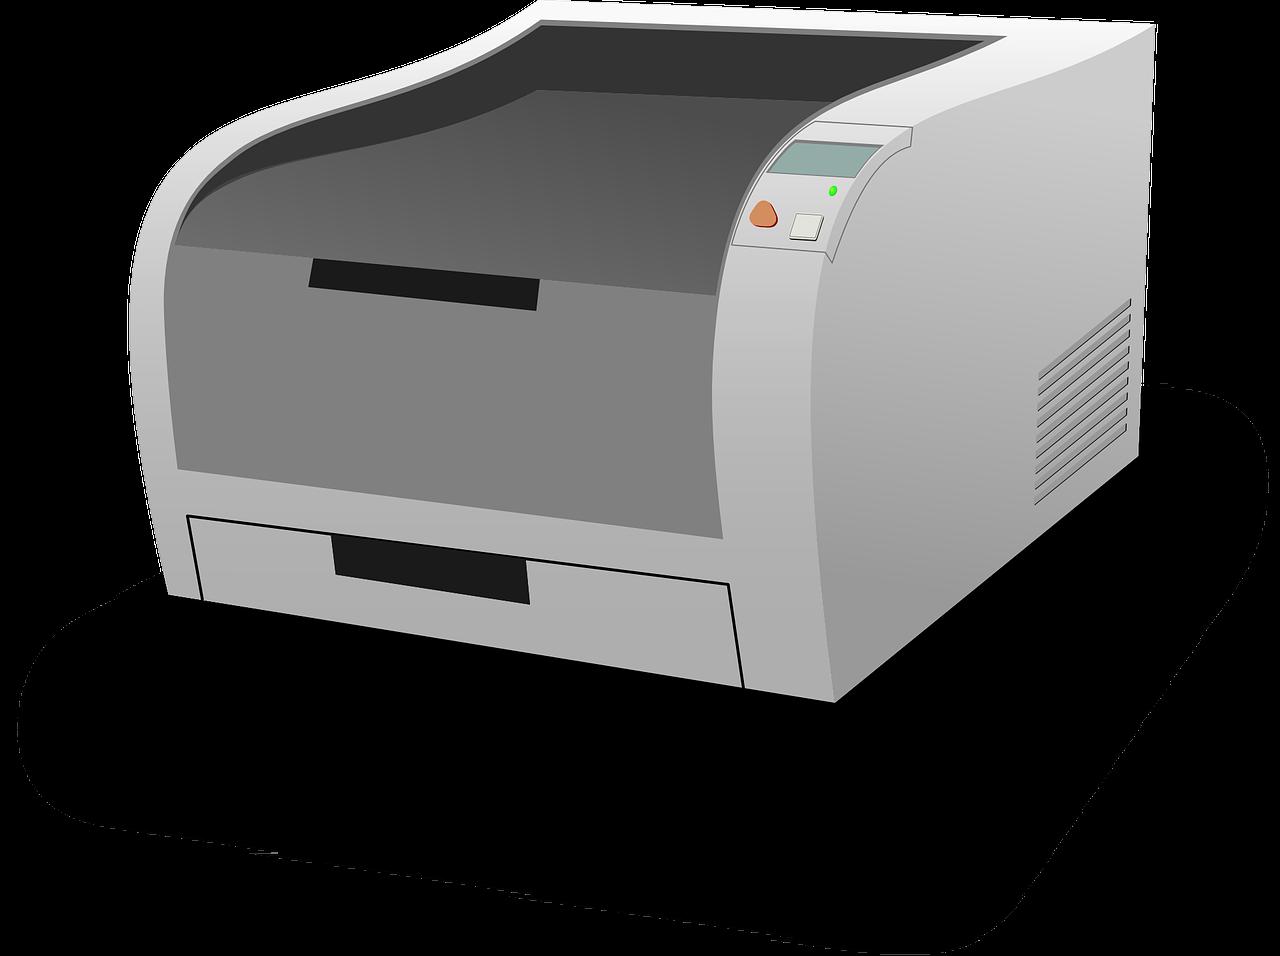 printer, laser printer, computer